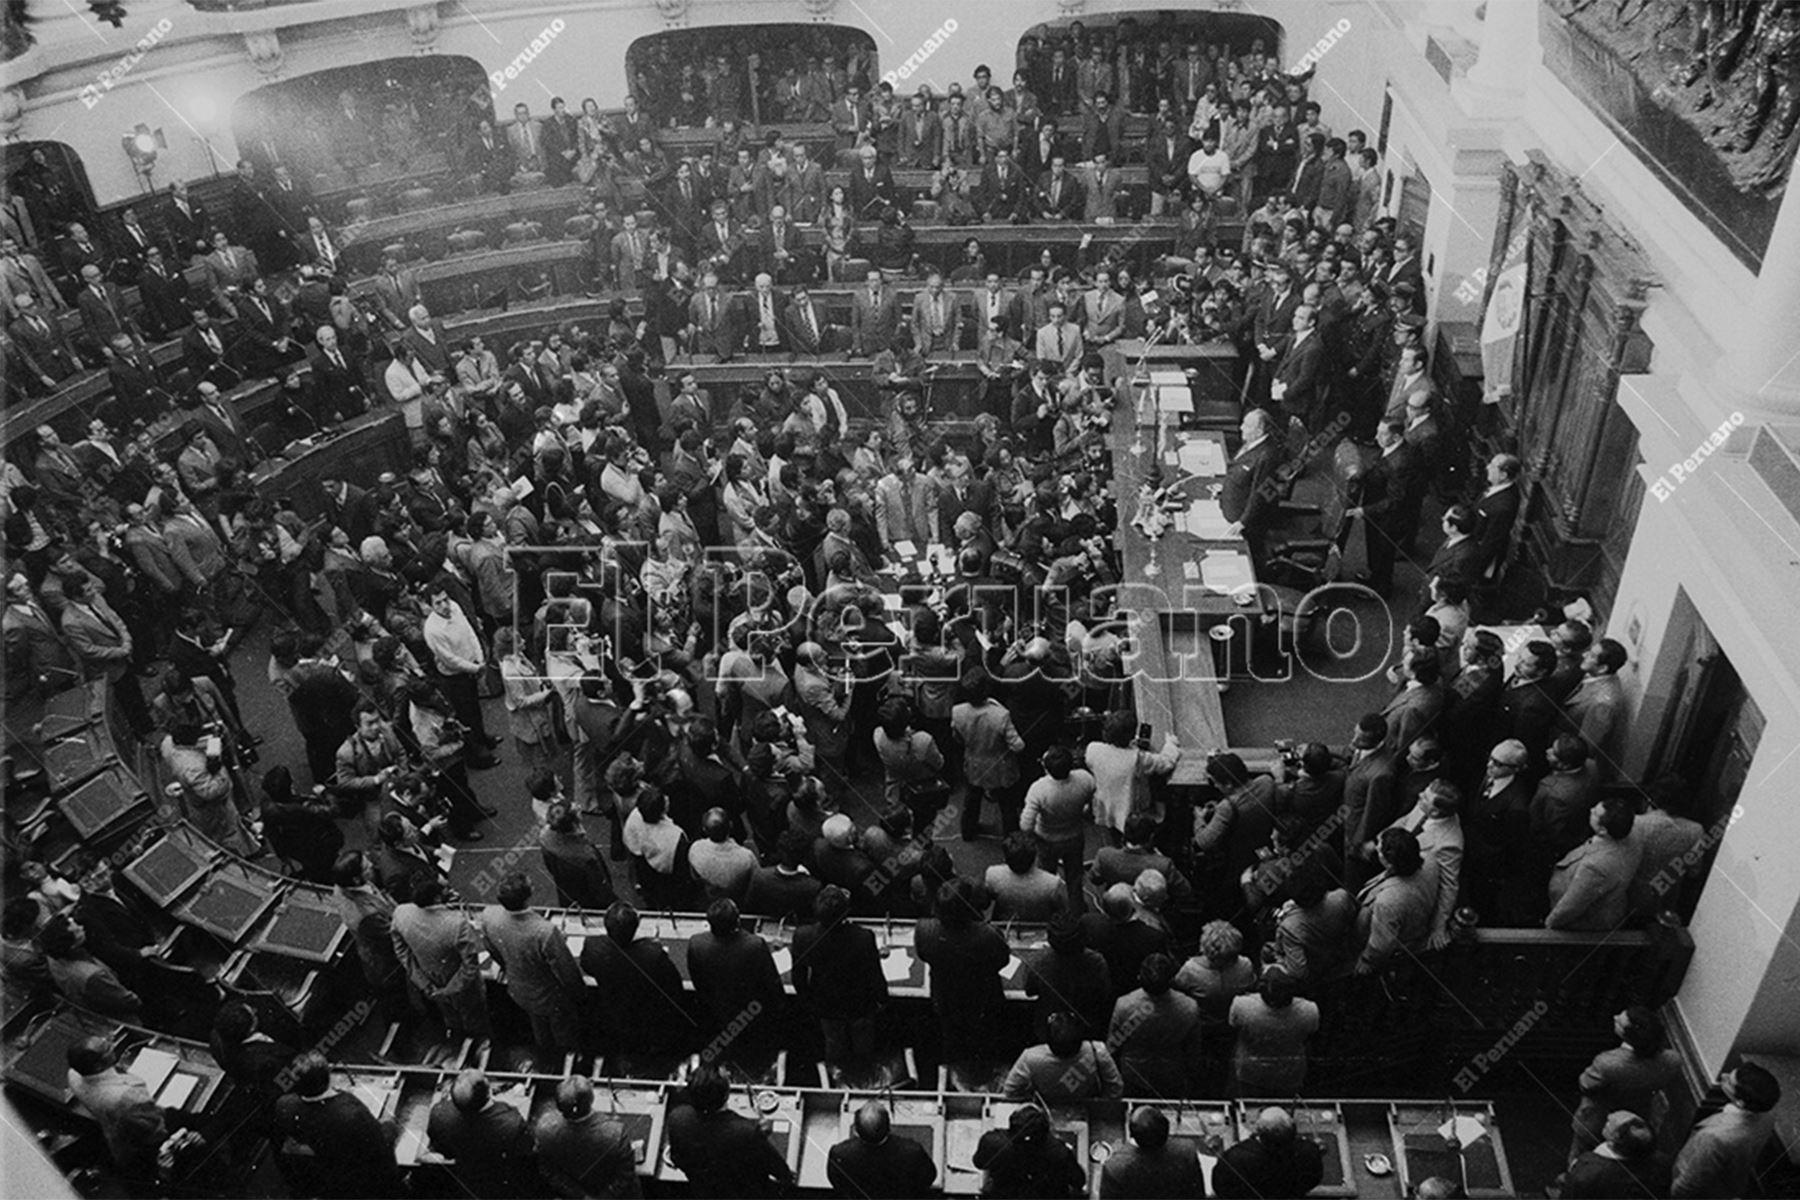 Lima - 18 de julio 1978 / En su calidad de representante con la mayor votación preferencial, el líder del Apra, Víctor Raúl Haya de la Torre, preside la Junta Preparatoria de la Asamblea Constituyente en el hemiciclo de la Cámara de Diputados del Congreso de la República.  Foto: Archivo Histórico de El Peruano / Raúl Sagástegui